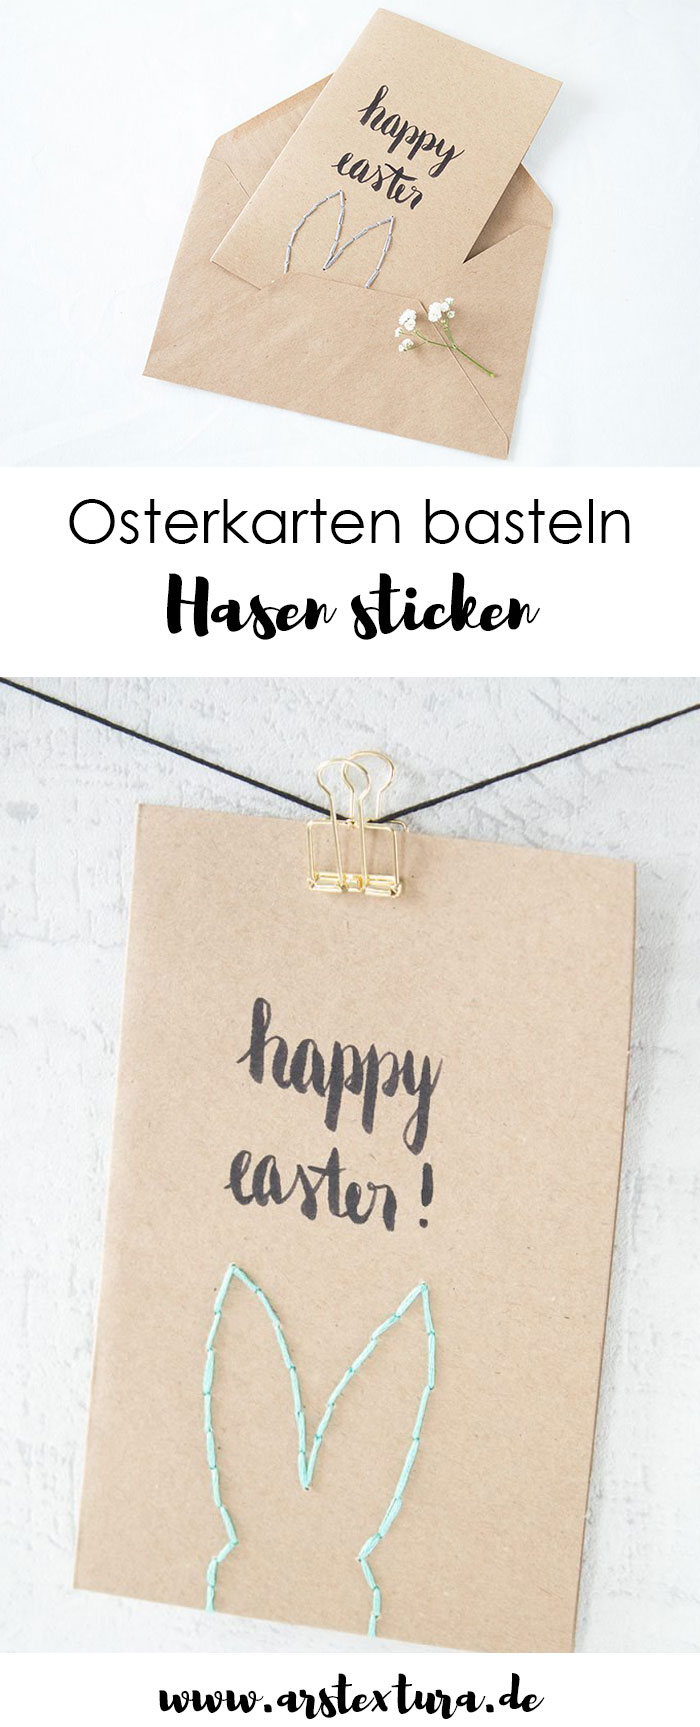 Osterkarten basteln und mit einem Hasen besticken - wunderschöne Ostergrüße für die ganze Familie - eine tolle DIY Idee für Ostern #ostern #ostergrüße #osterhase